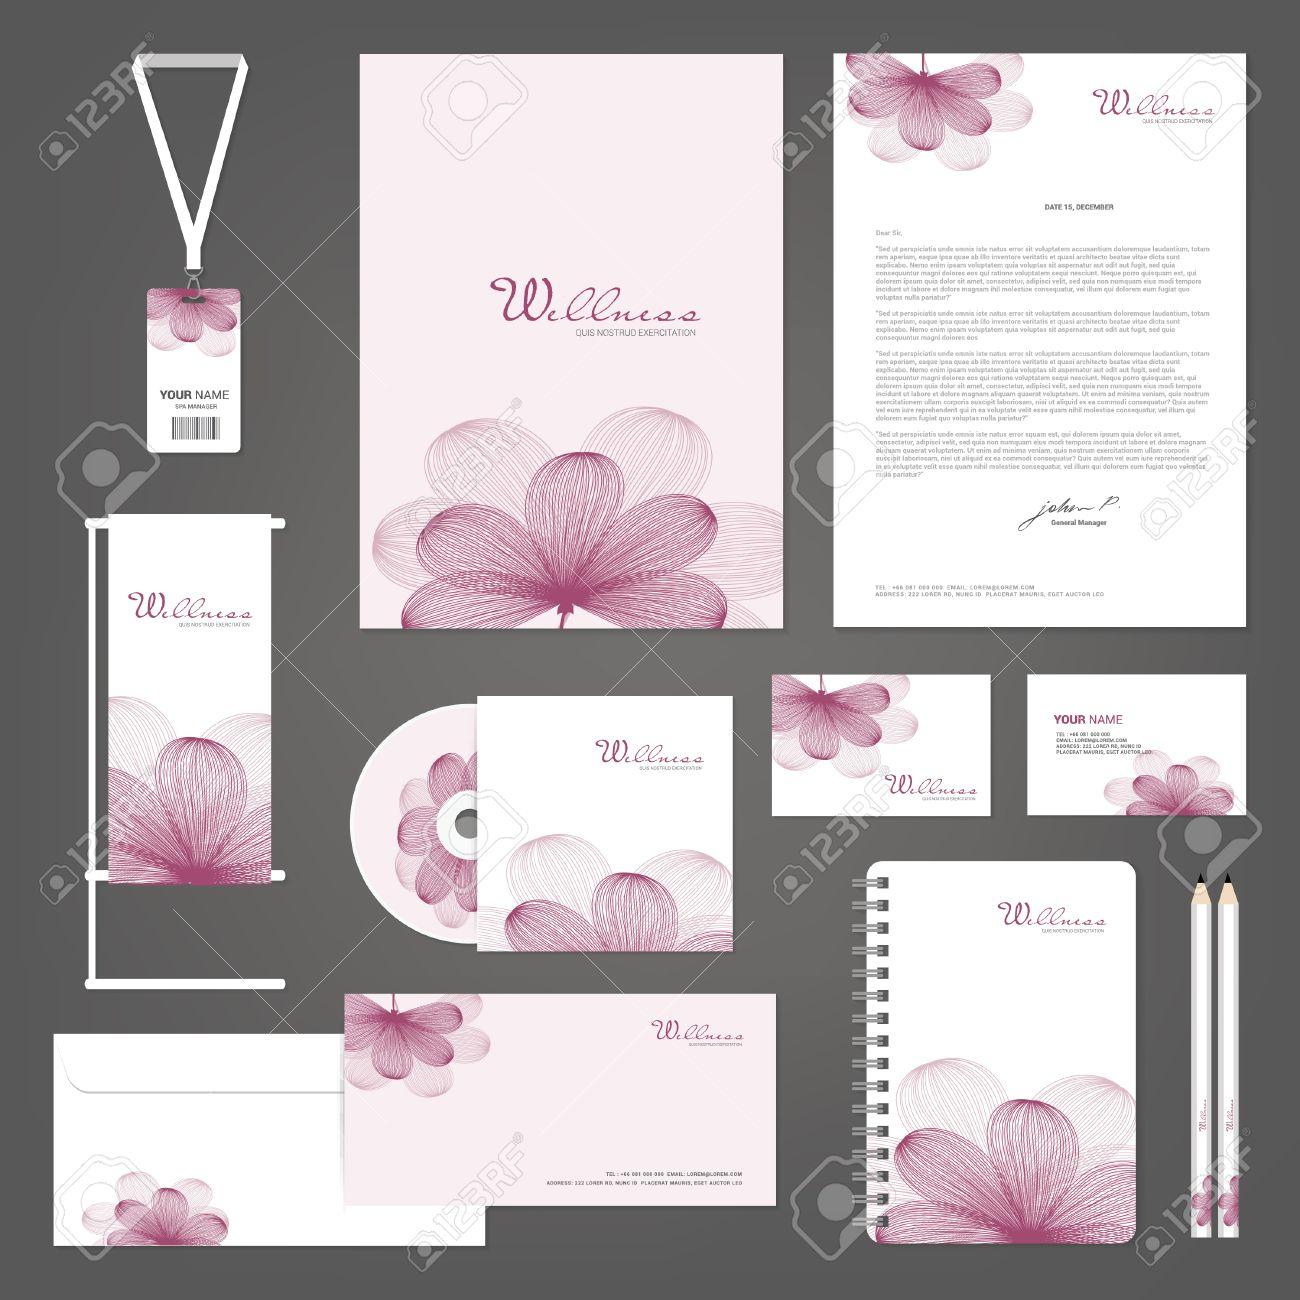 Fabuleux Modèles D'identité D'entreprise, Spa Yoga Fleur D'Orchidée, Cartes  UC21